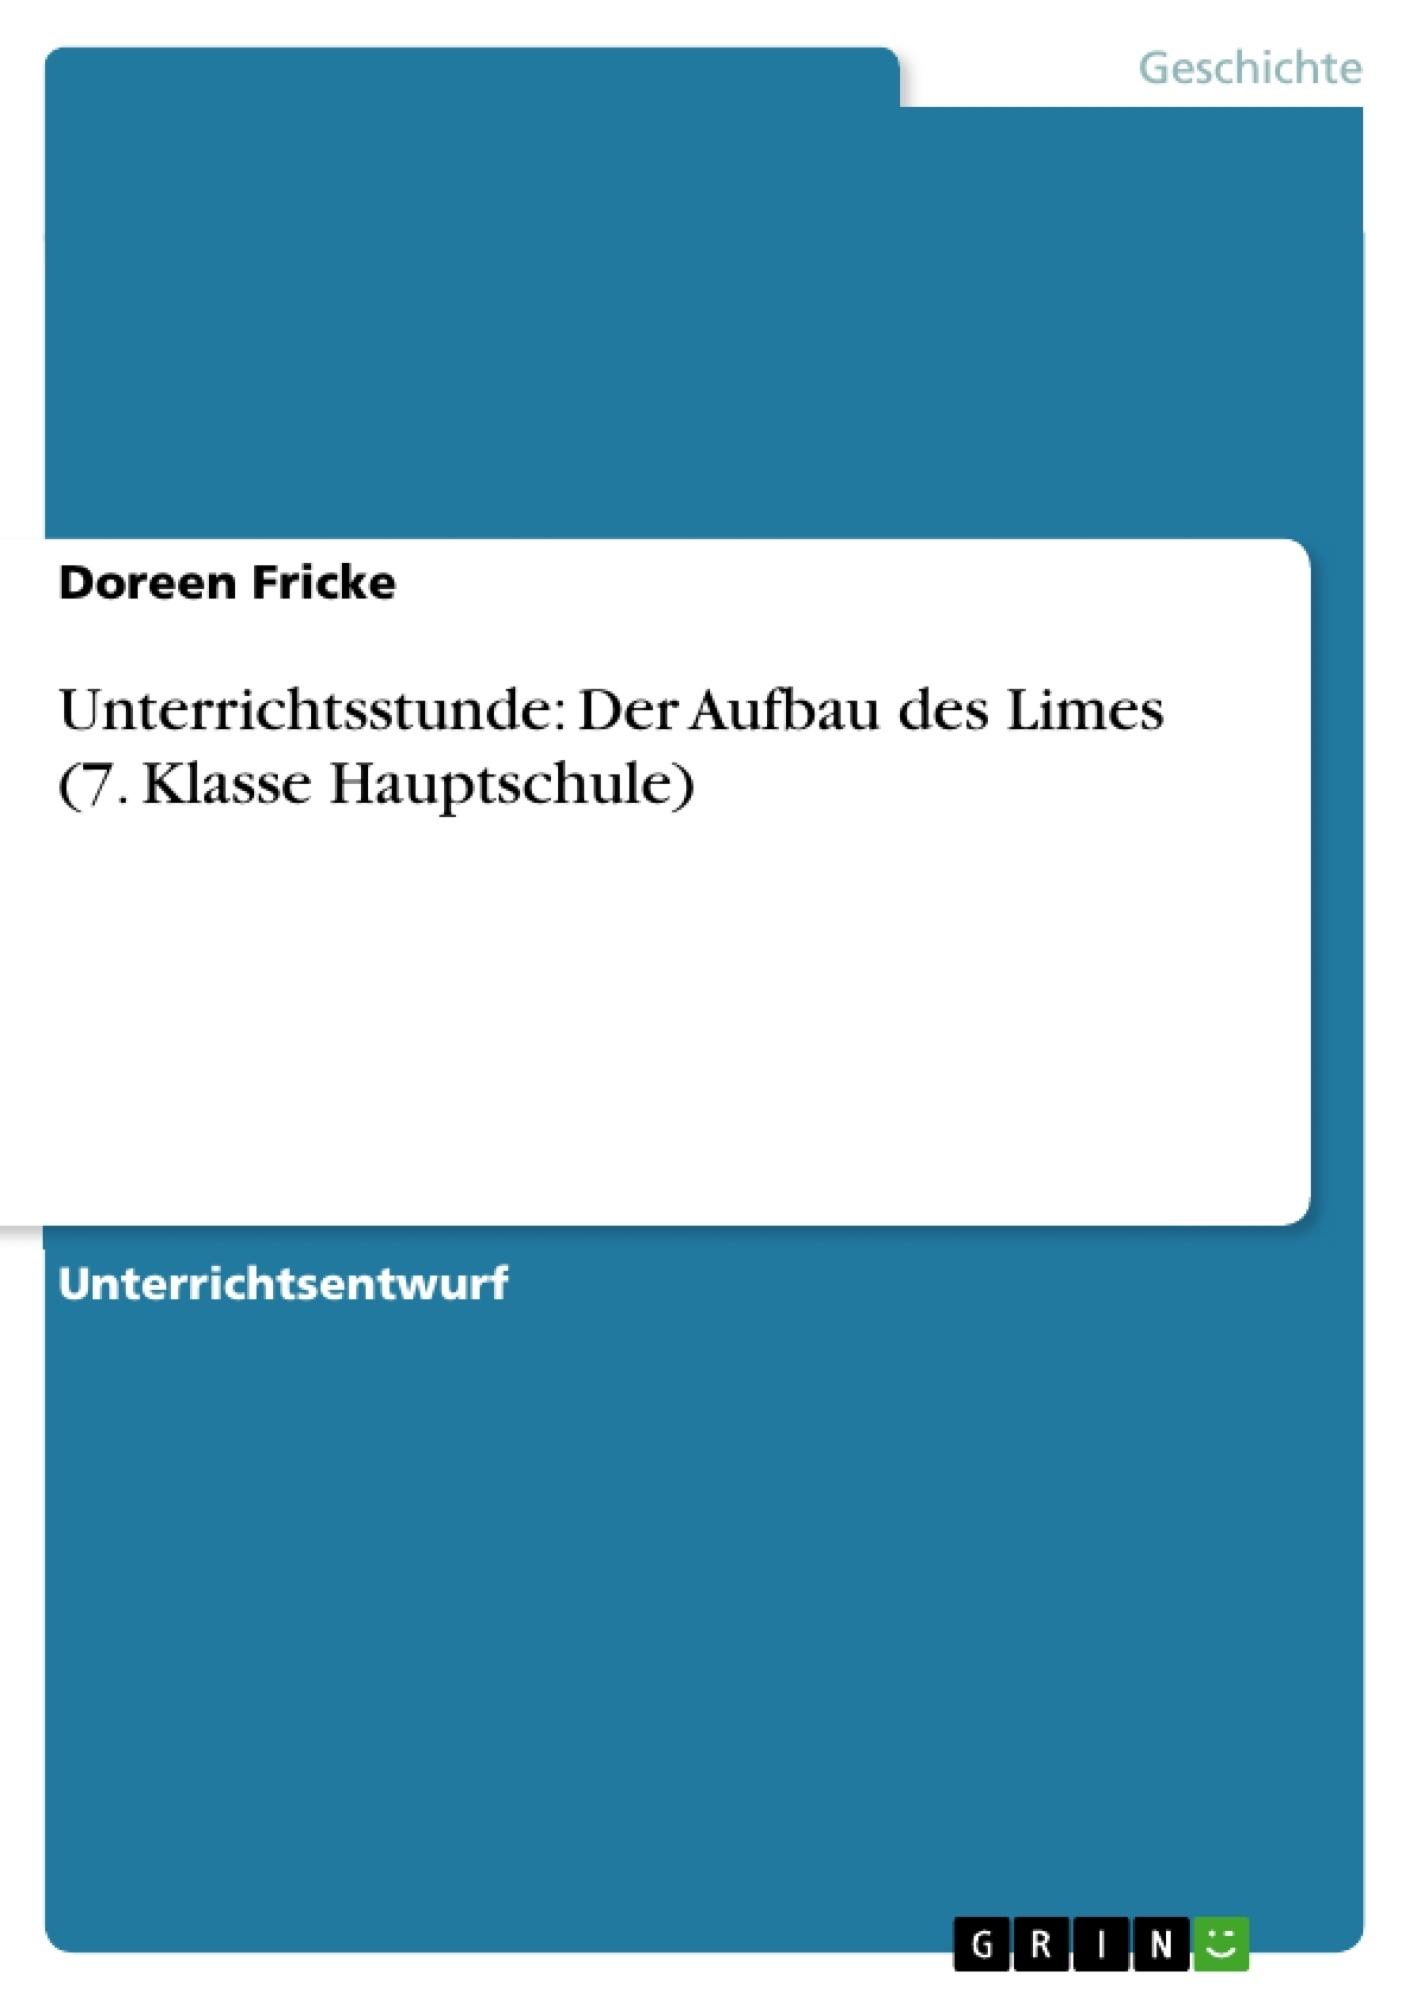 Titel: Unterrichtsstunde: Der Aufbau des Limes (7. Klasse Hauptschule)